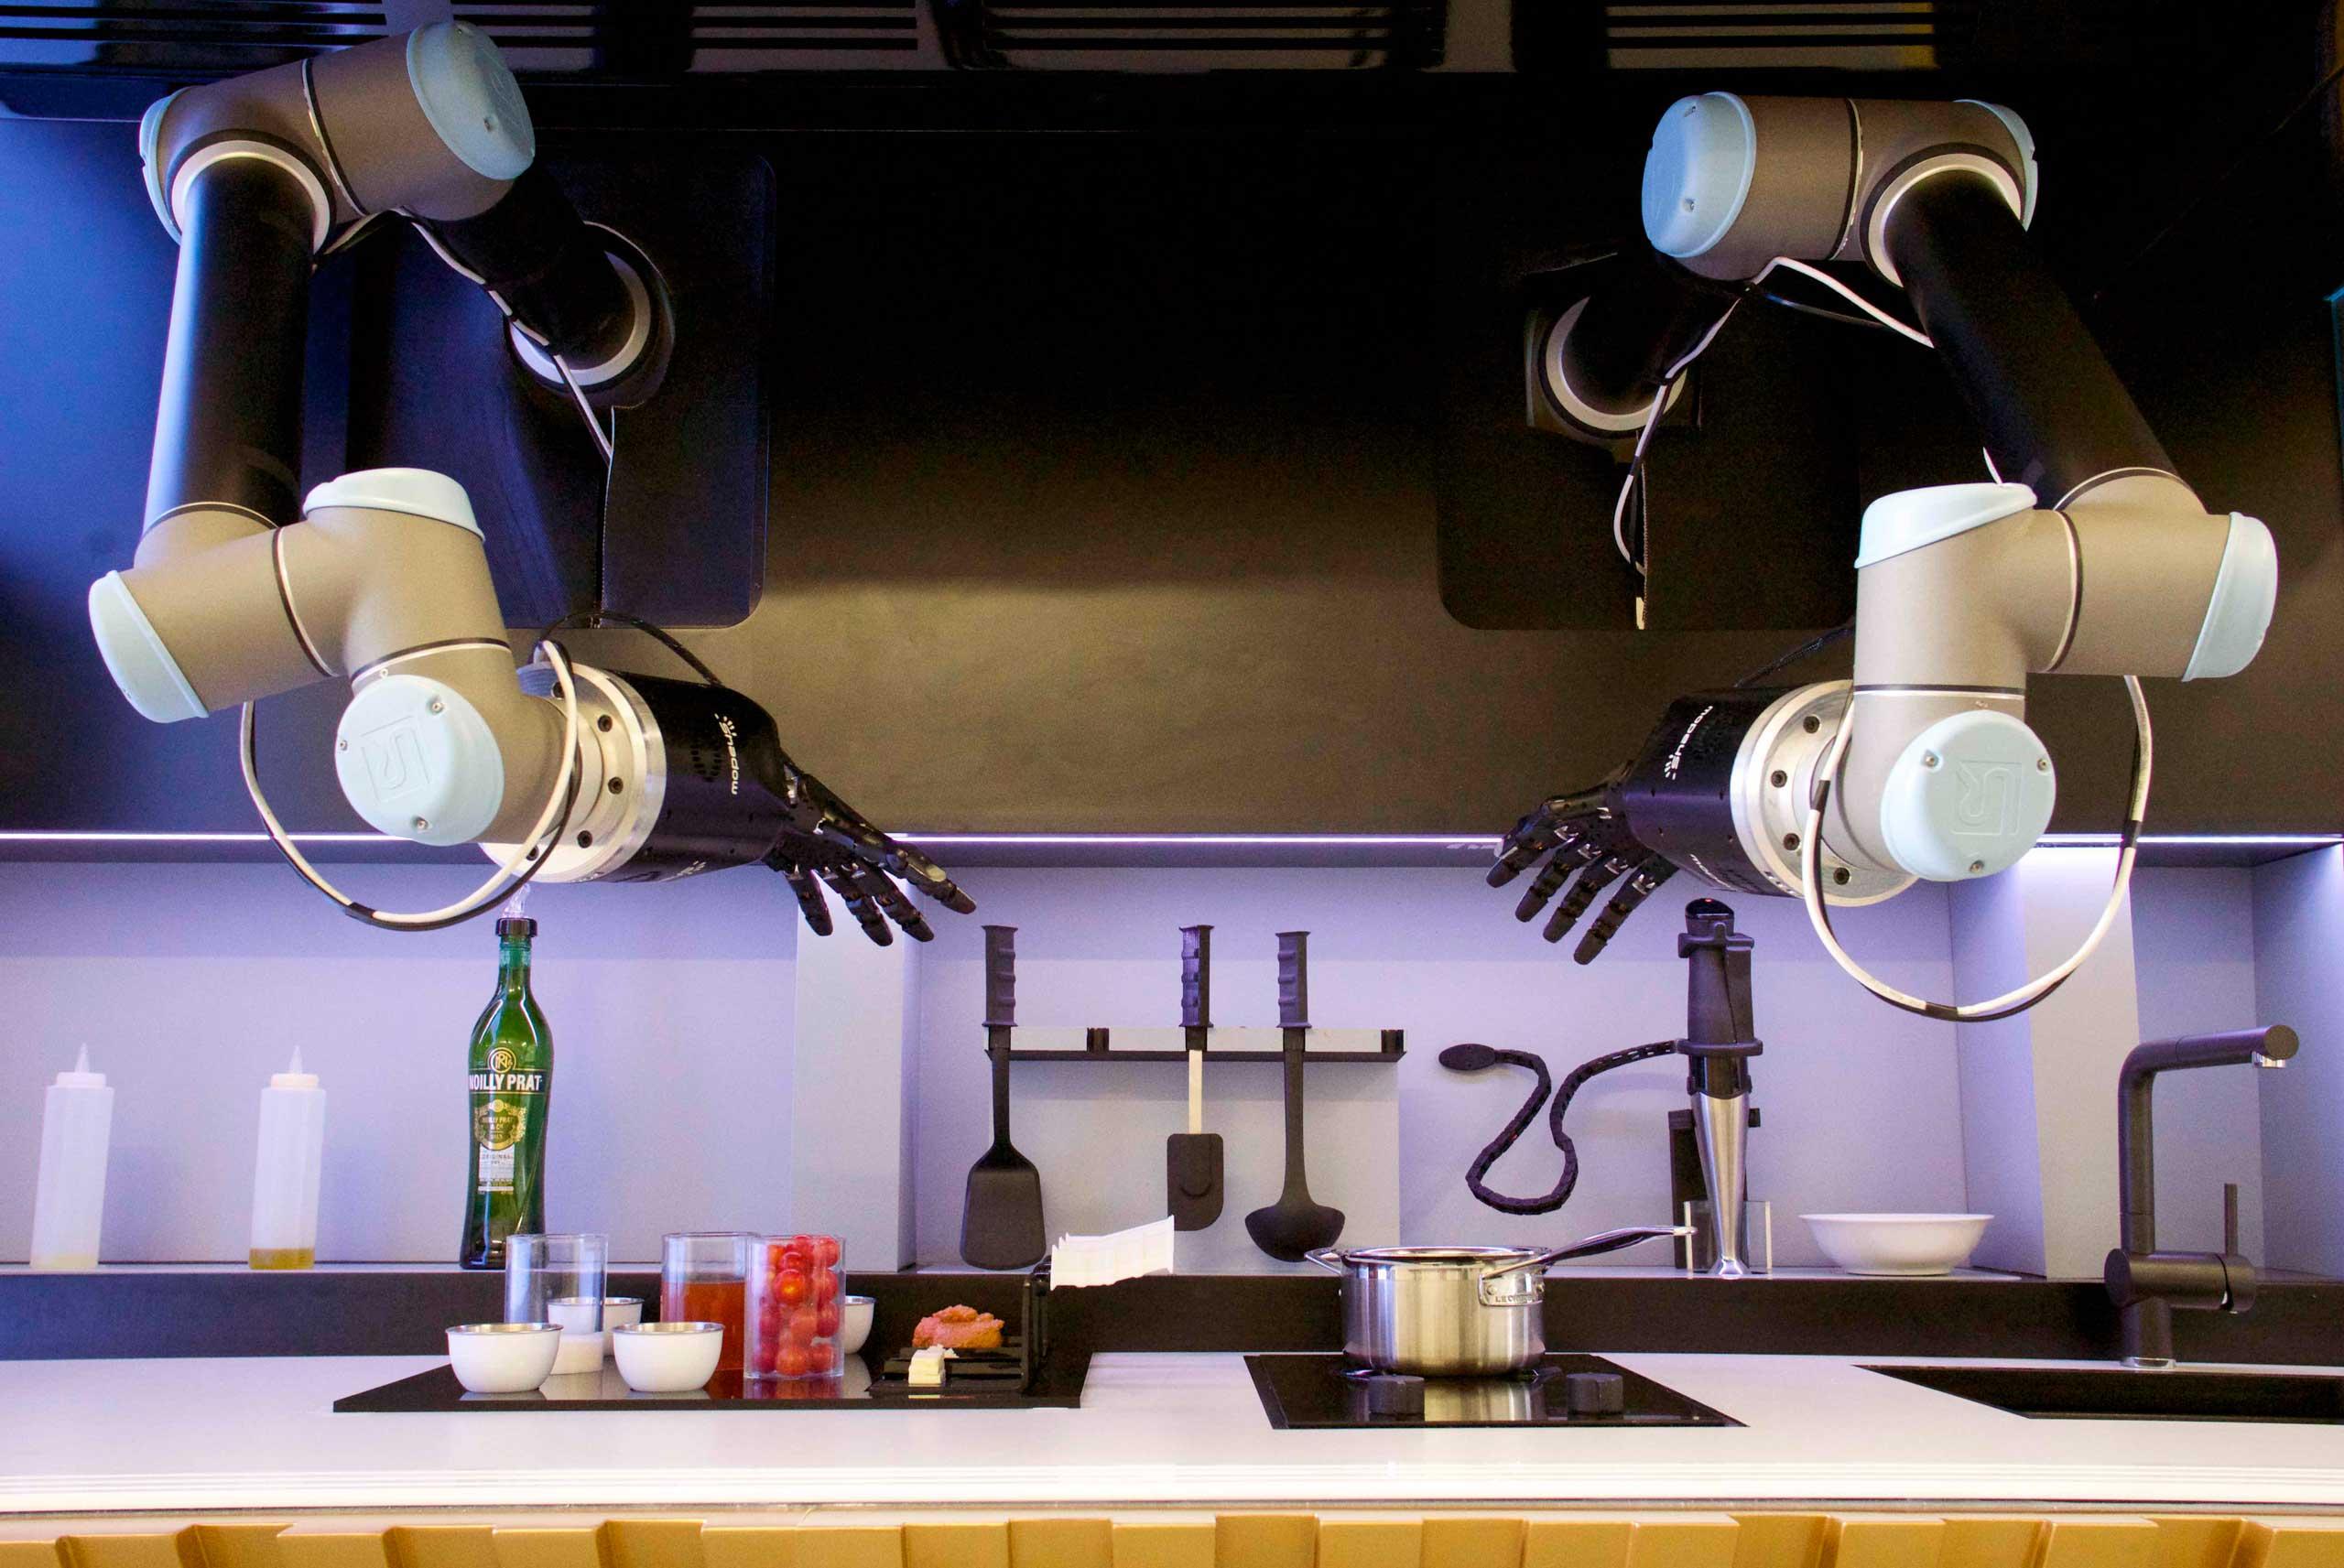 O futuro das receitas  moley robotics automated kitchen Foto Divulgação - O futuro das receitas